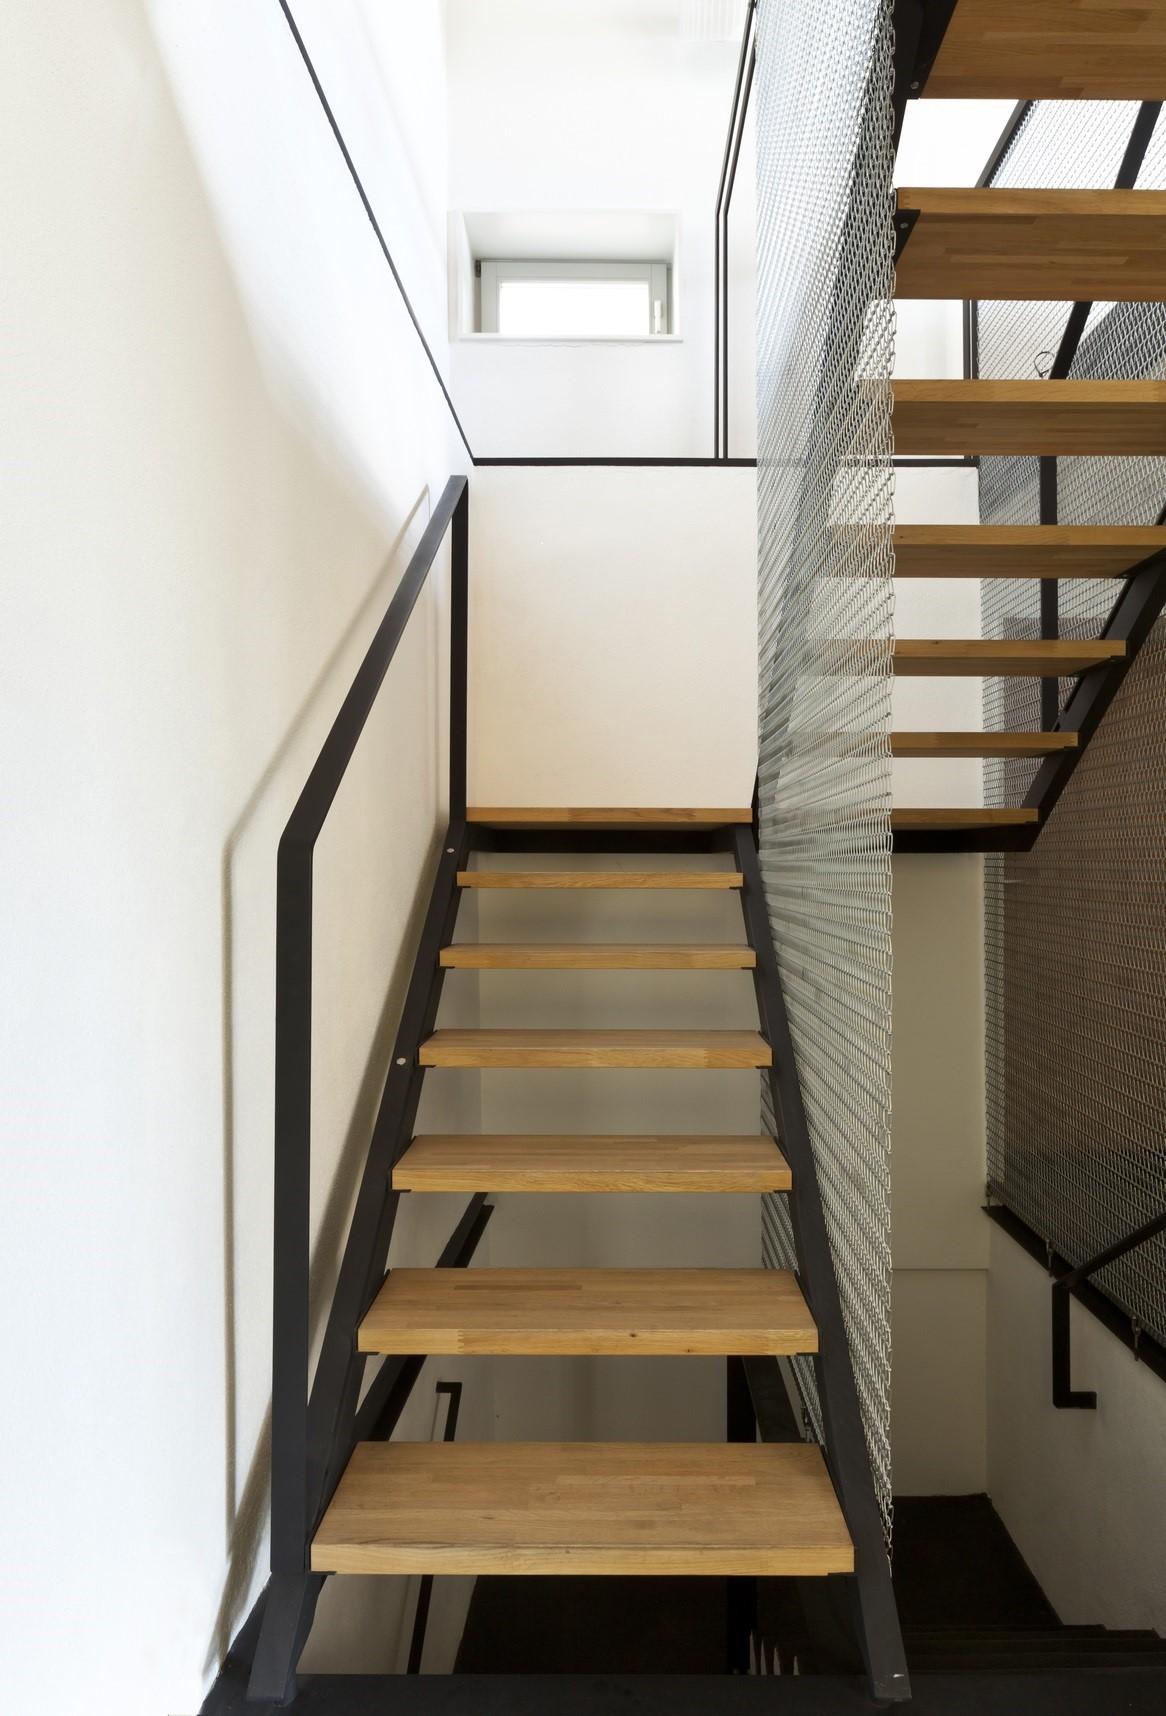 Escalier 2/4 tournant droit acier & bois.